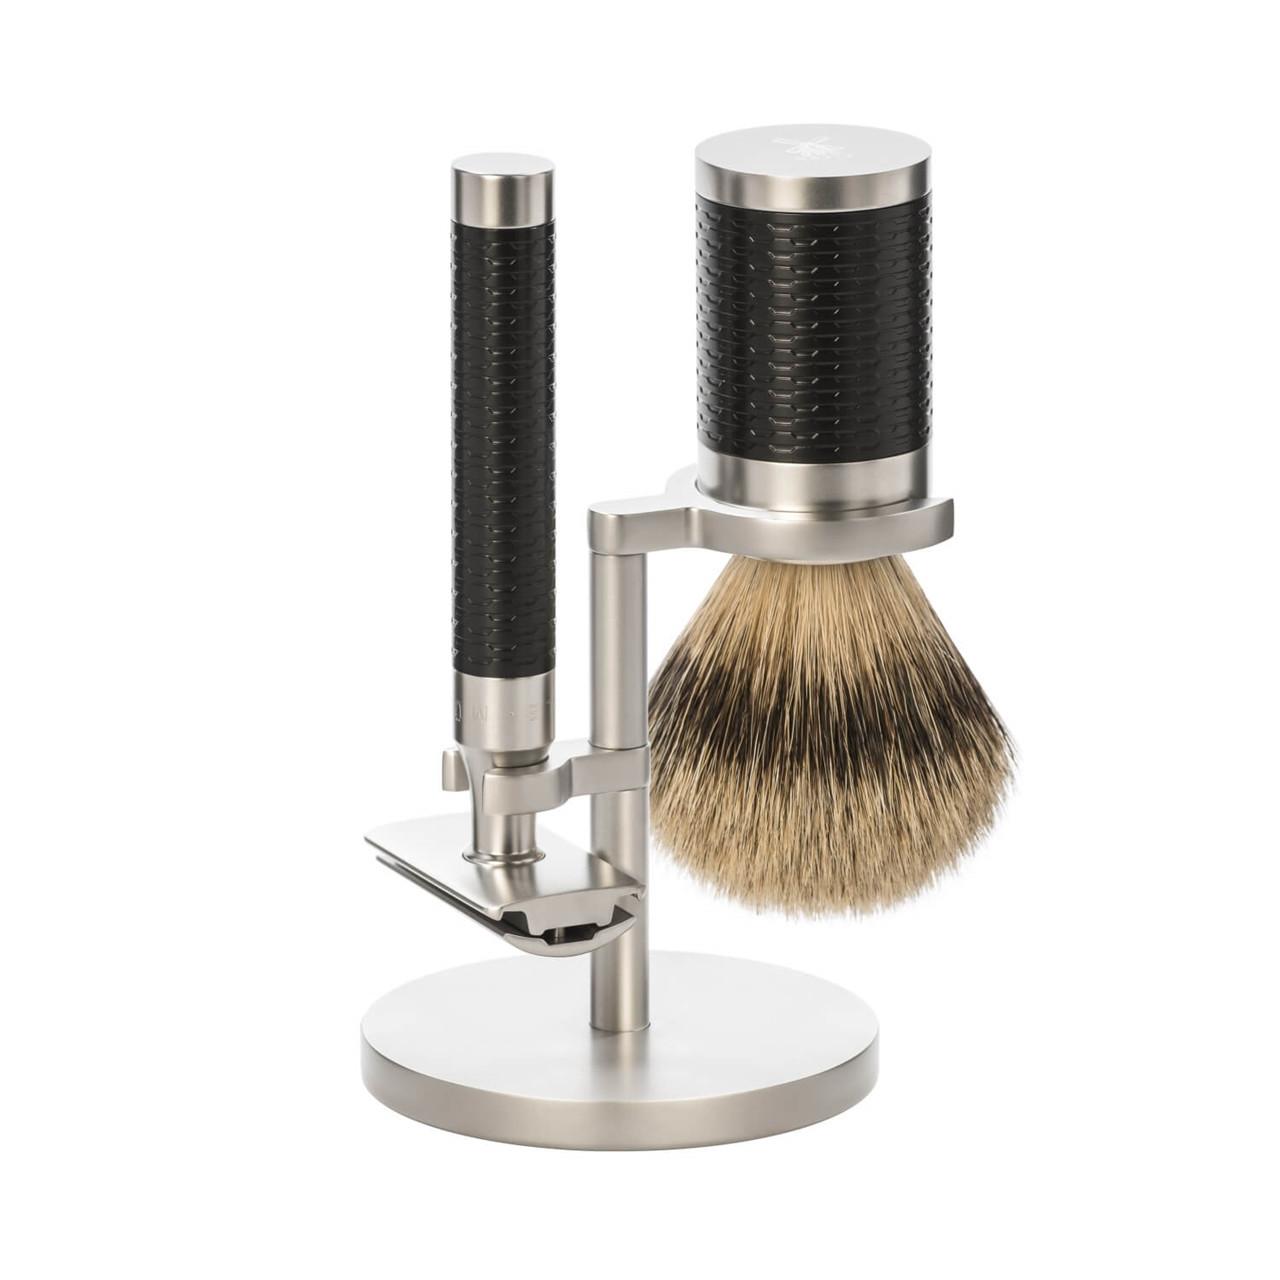 Image of   Mühle Barbersæt med DE-skraber, Barberkost og Holder, Rocca, Rustfrit stål